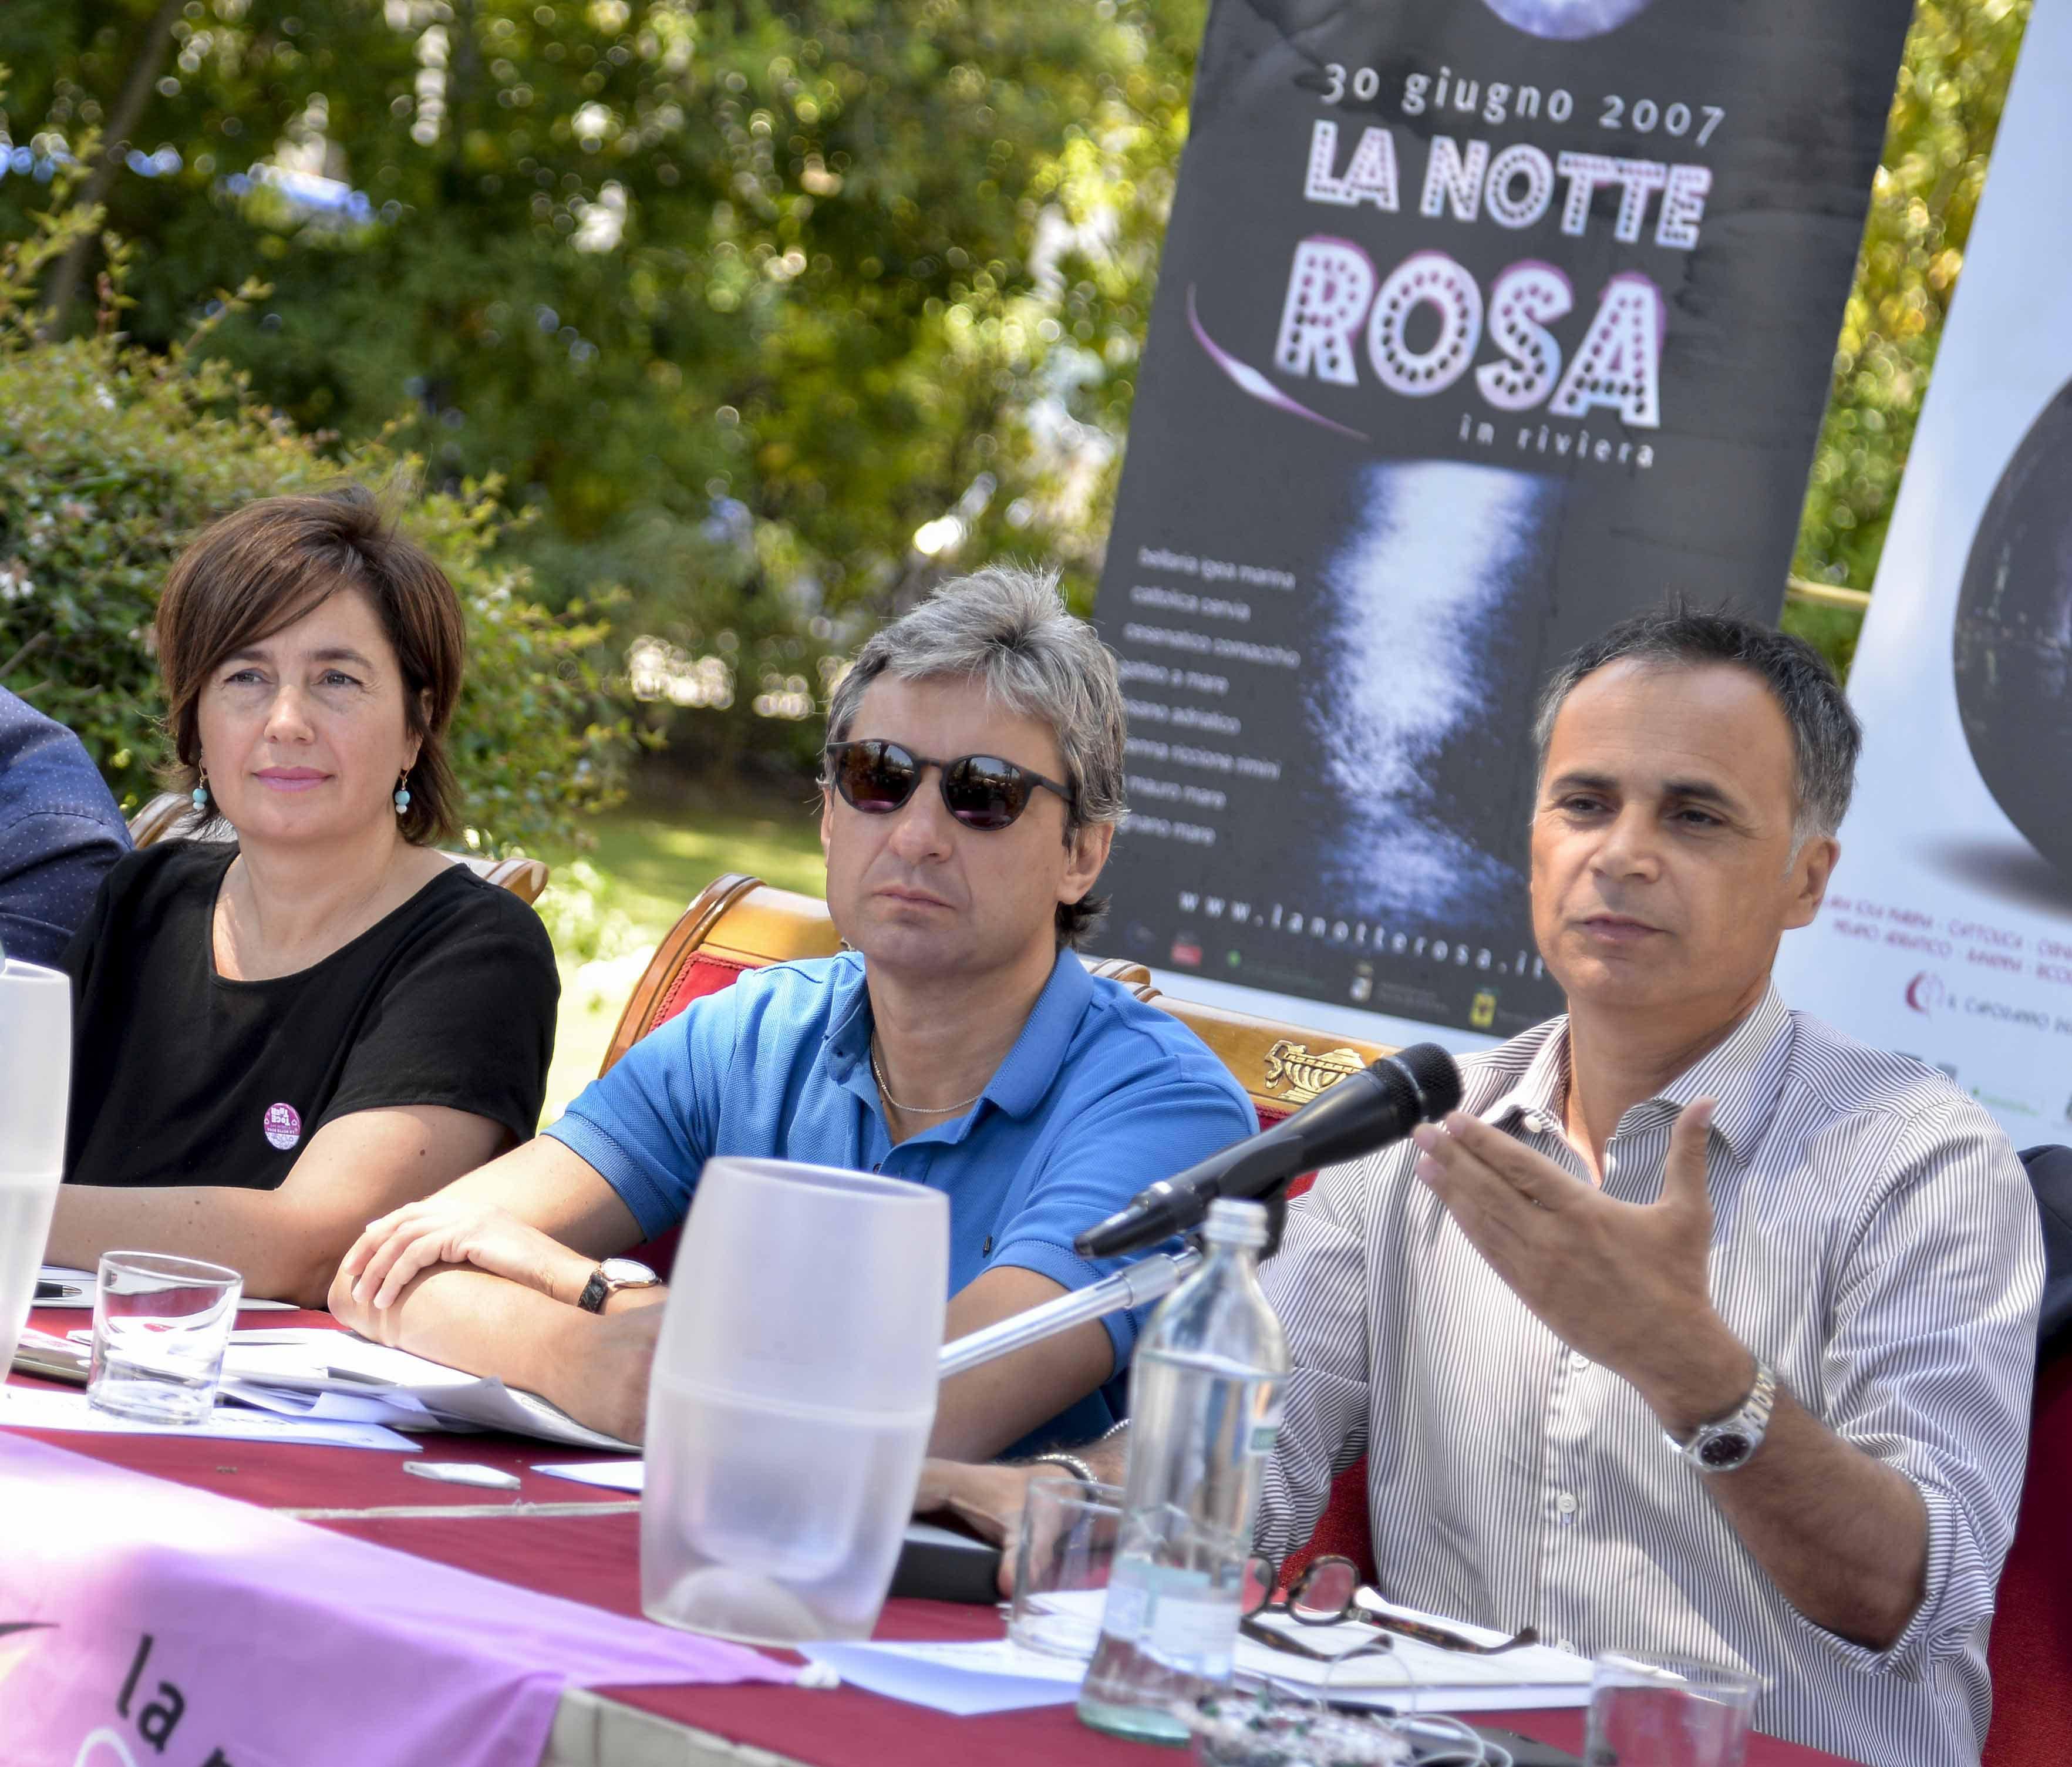 La Notte Rosa è come Andrea Gnassi, il Dorian Gray della politica: sembra giovane ma è un matusa